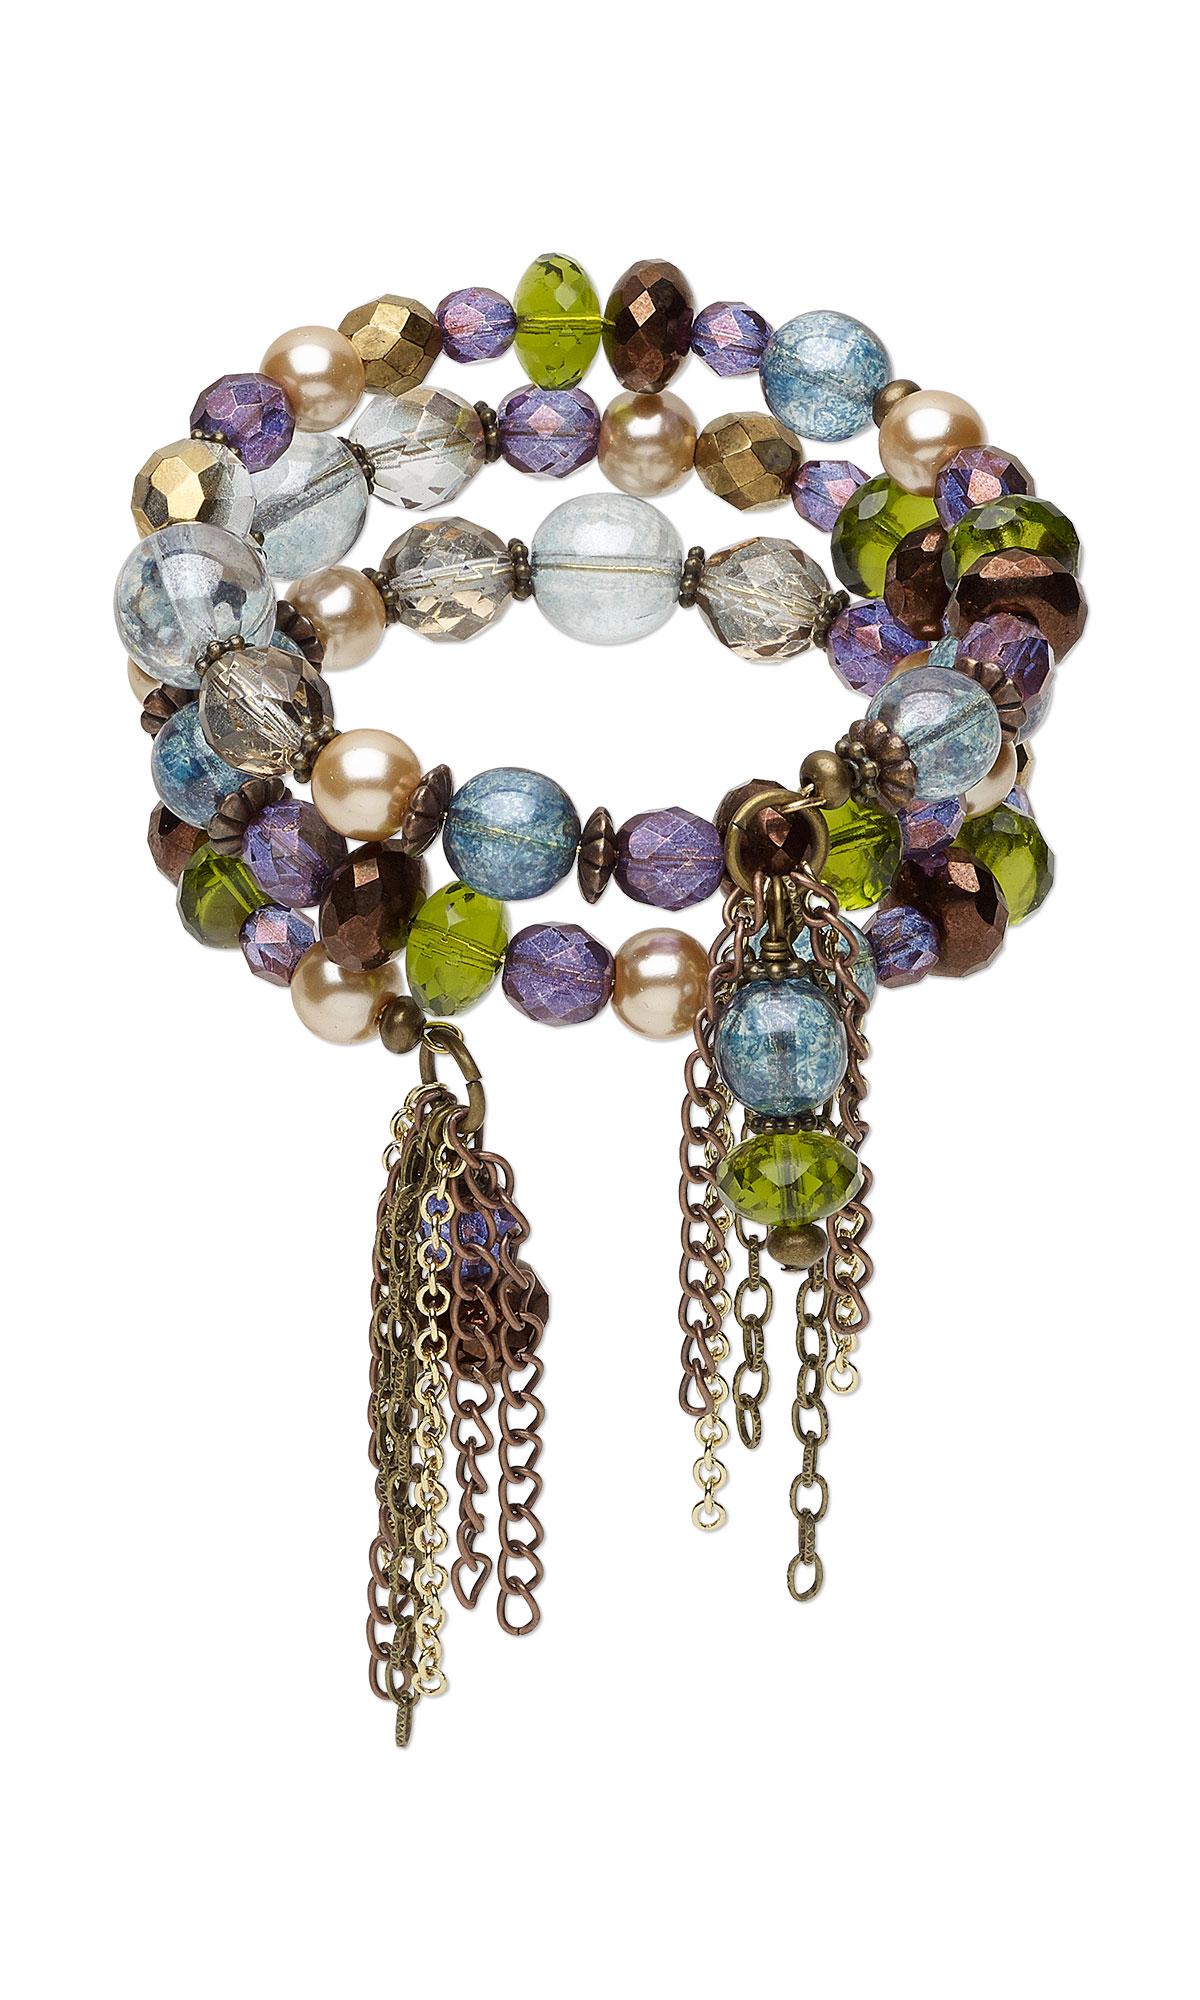 Jewelry Design Memory Wire Bracelet With Czech Glass